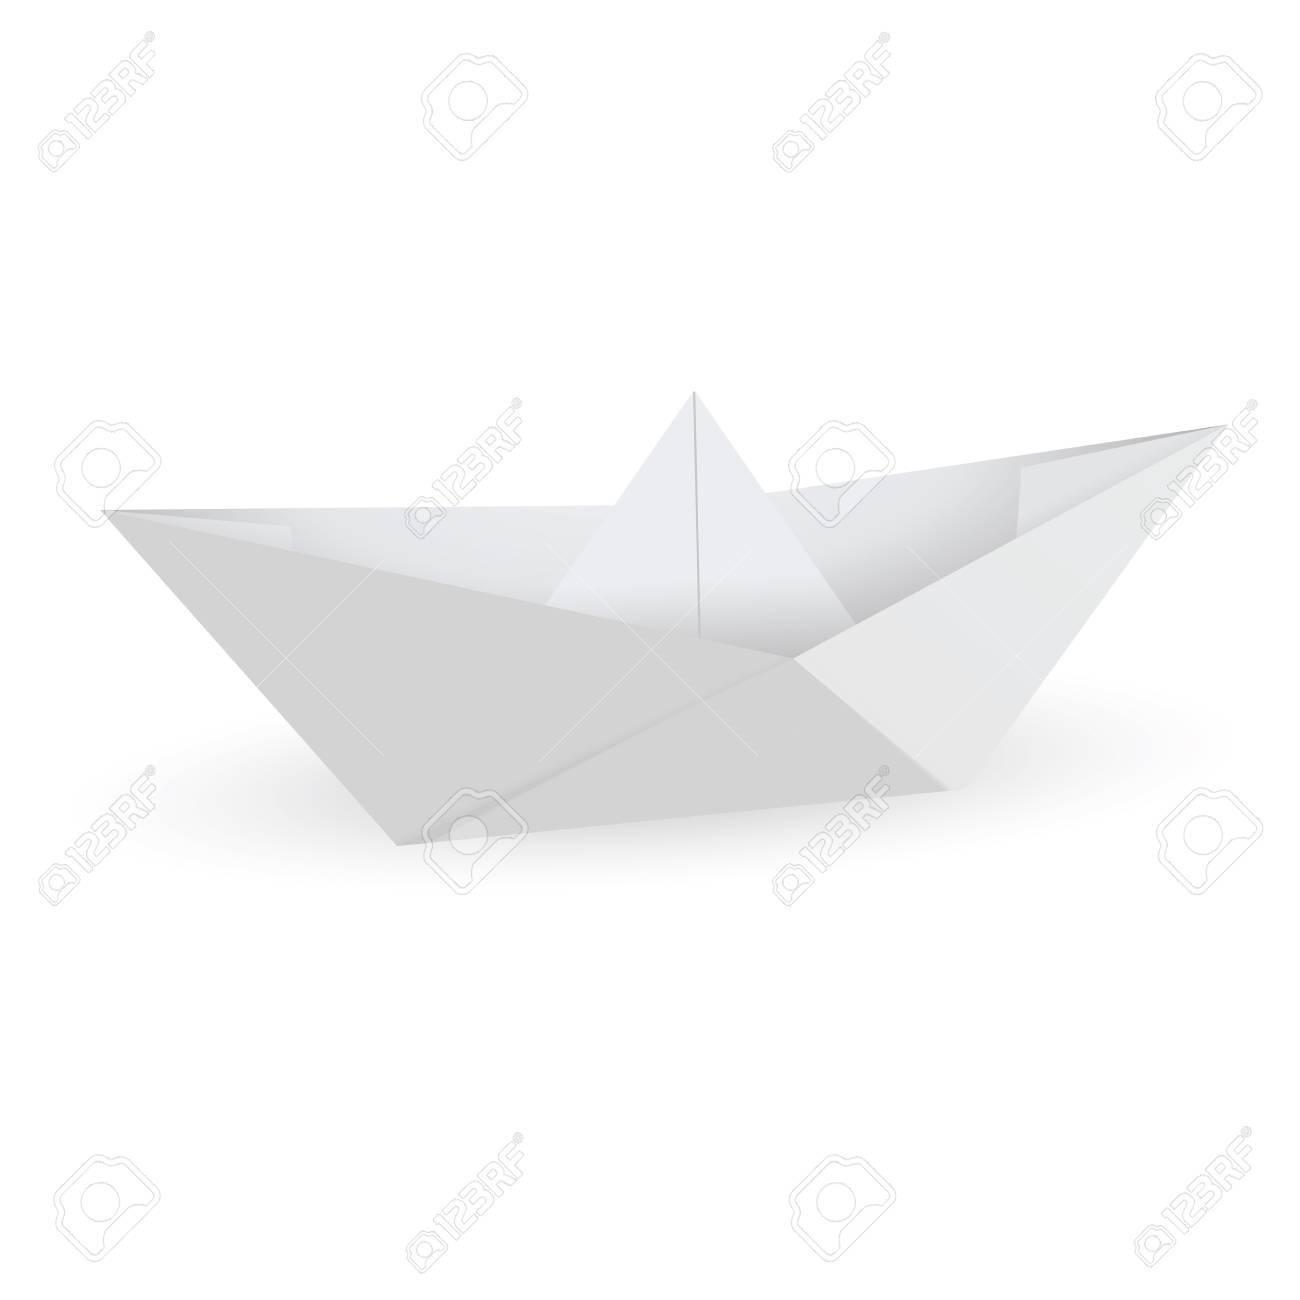 Papier Origami Bateau Isole Sur Fond Blanc Clip Art Libres De Droits Vecteurs Et Illustration Image 17323677